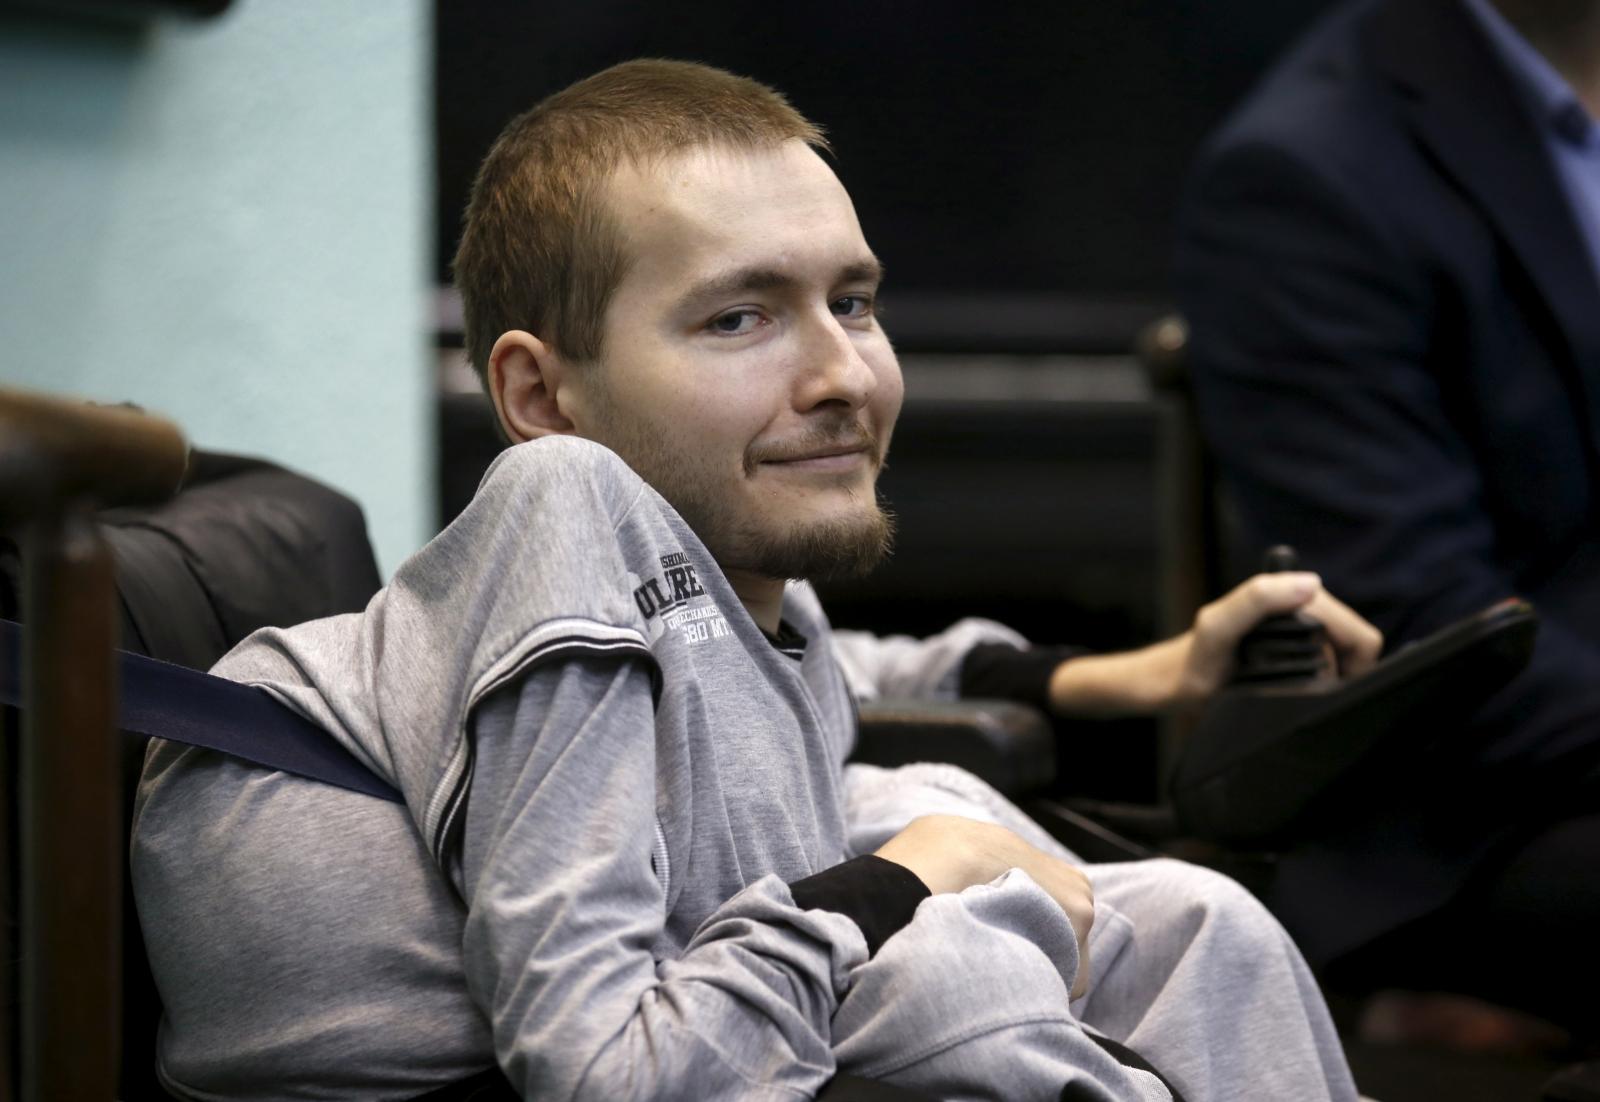 Valery Spiridonov head transplant